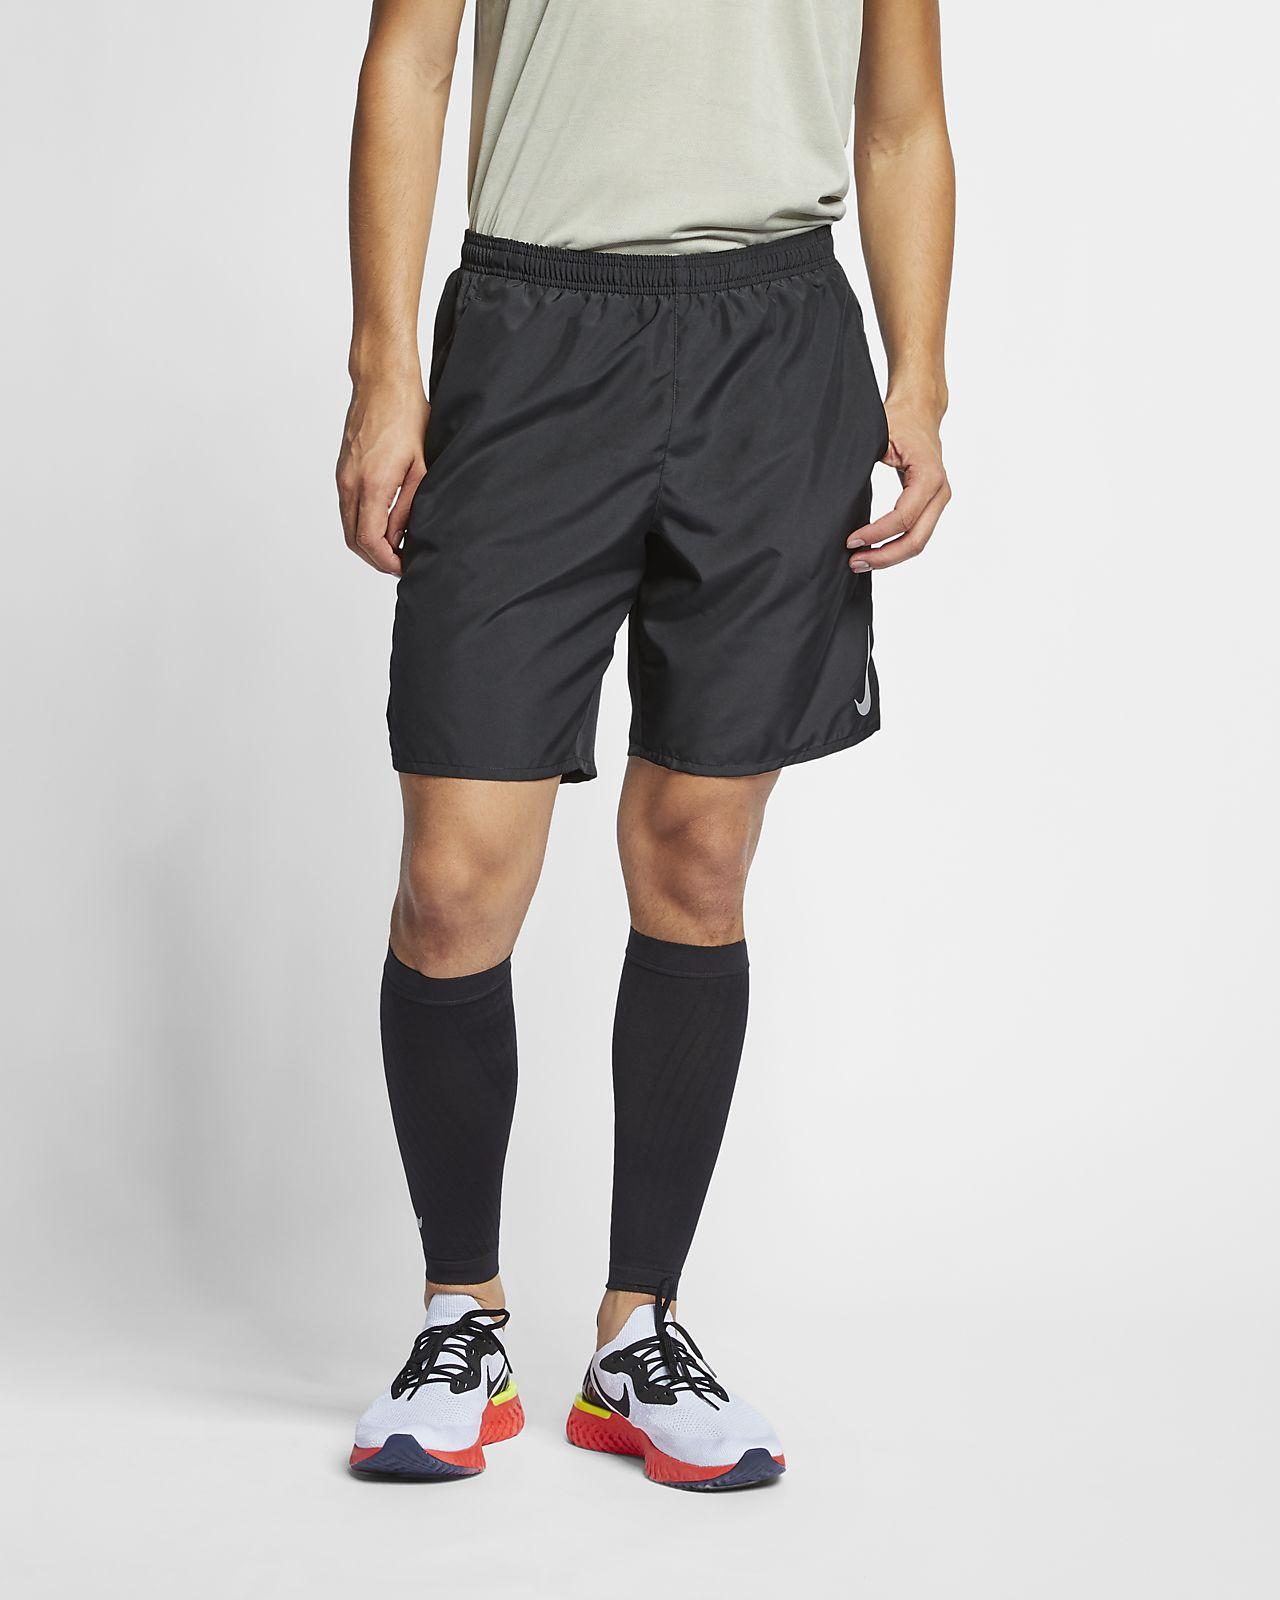 Short de running avec sous-short intégré Nike Challenger 23 cm pour Homme